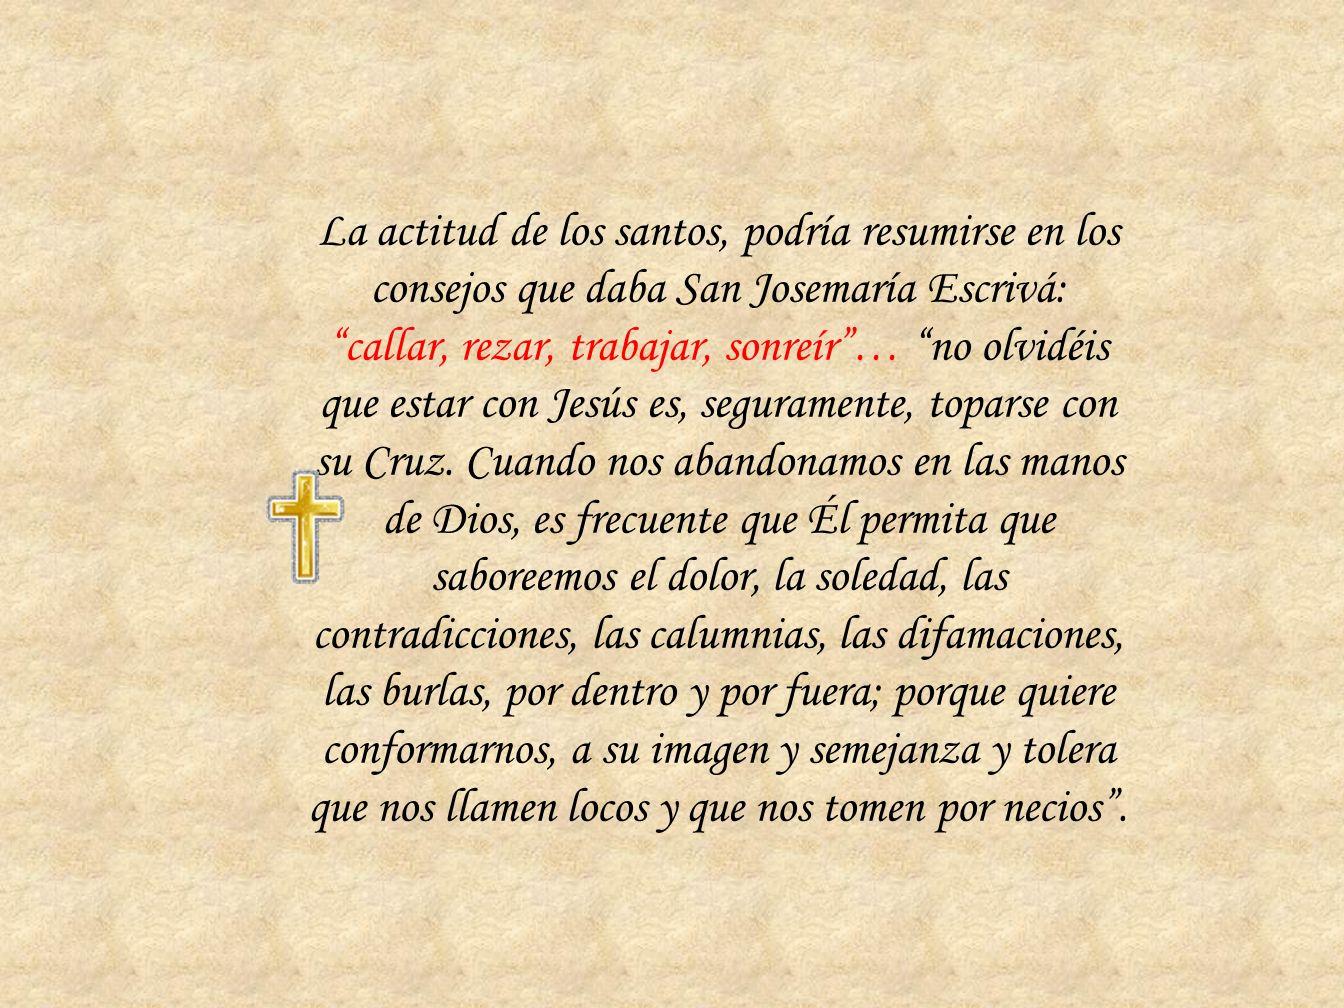 La actitud de los santos, podría resumirse en los consejos que daba San Josemaría Escrivá: callar, rezar, trabajar, sonreír… no olvidéis que estar con